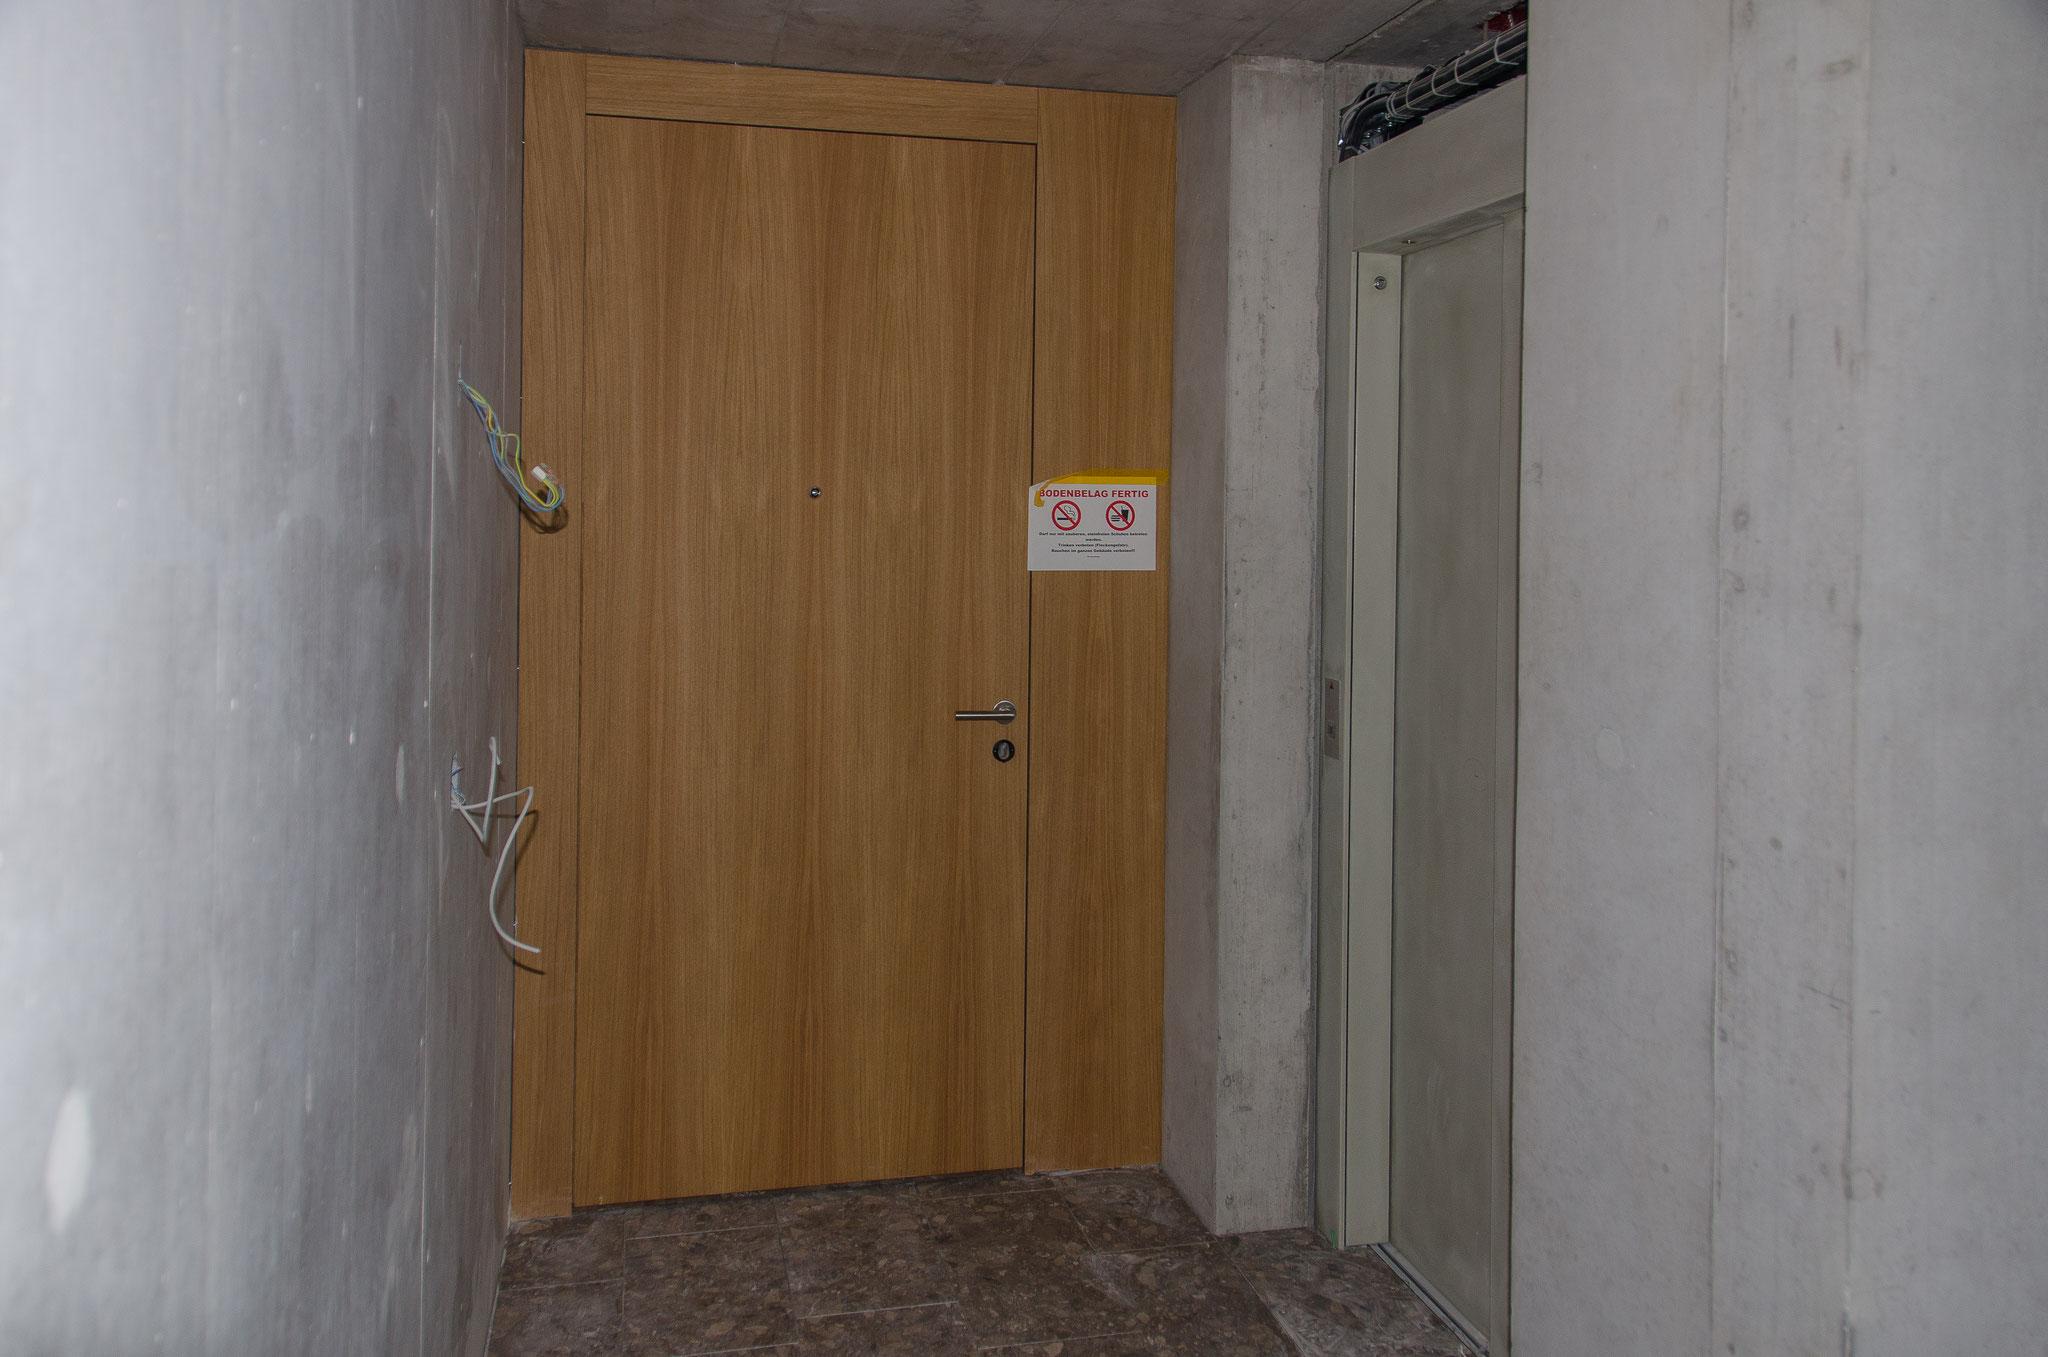 Auch der Innenbereich wird Schritt für Schritt wohnlicher. Hier eine Wohnungstüre unmittelbar neben dem Lift und Treppenhaus.